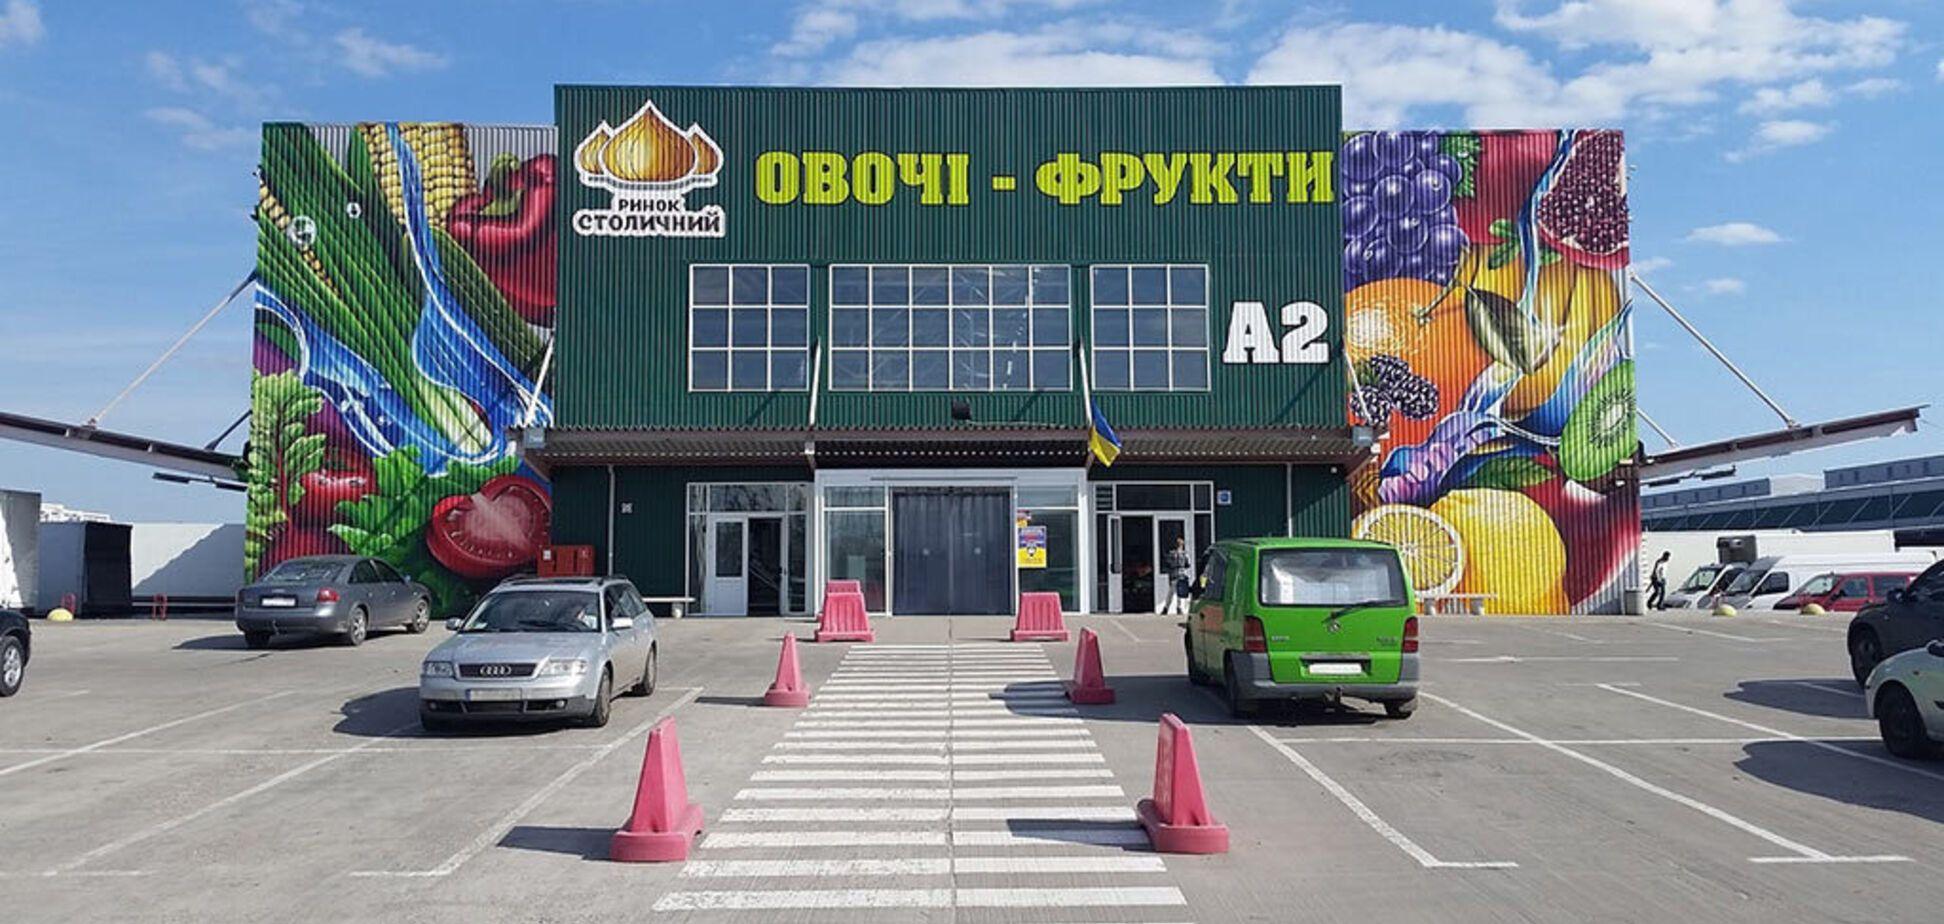 Молчанова з Туменасом готують нове рейдерське захоплення 'Столичного': дирекція ринку викрила фейки ЗМІ